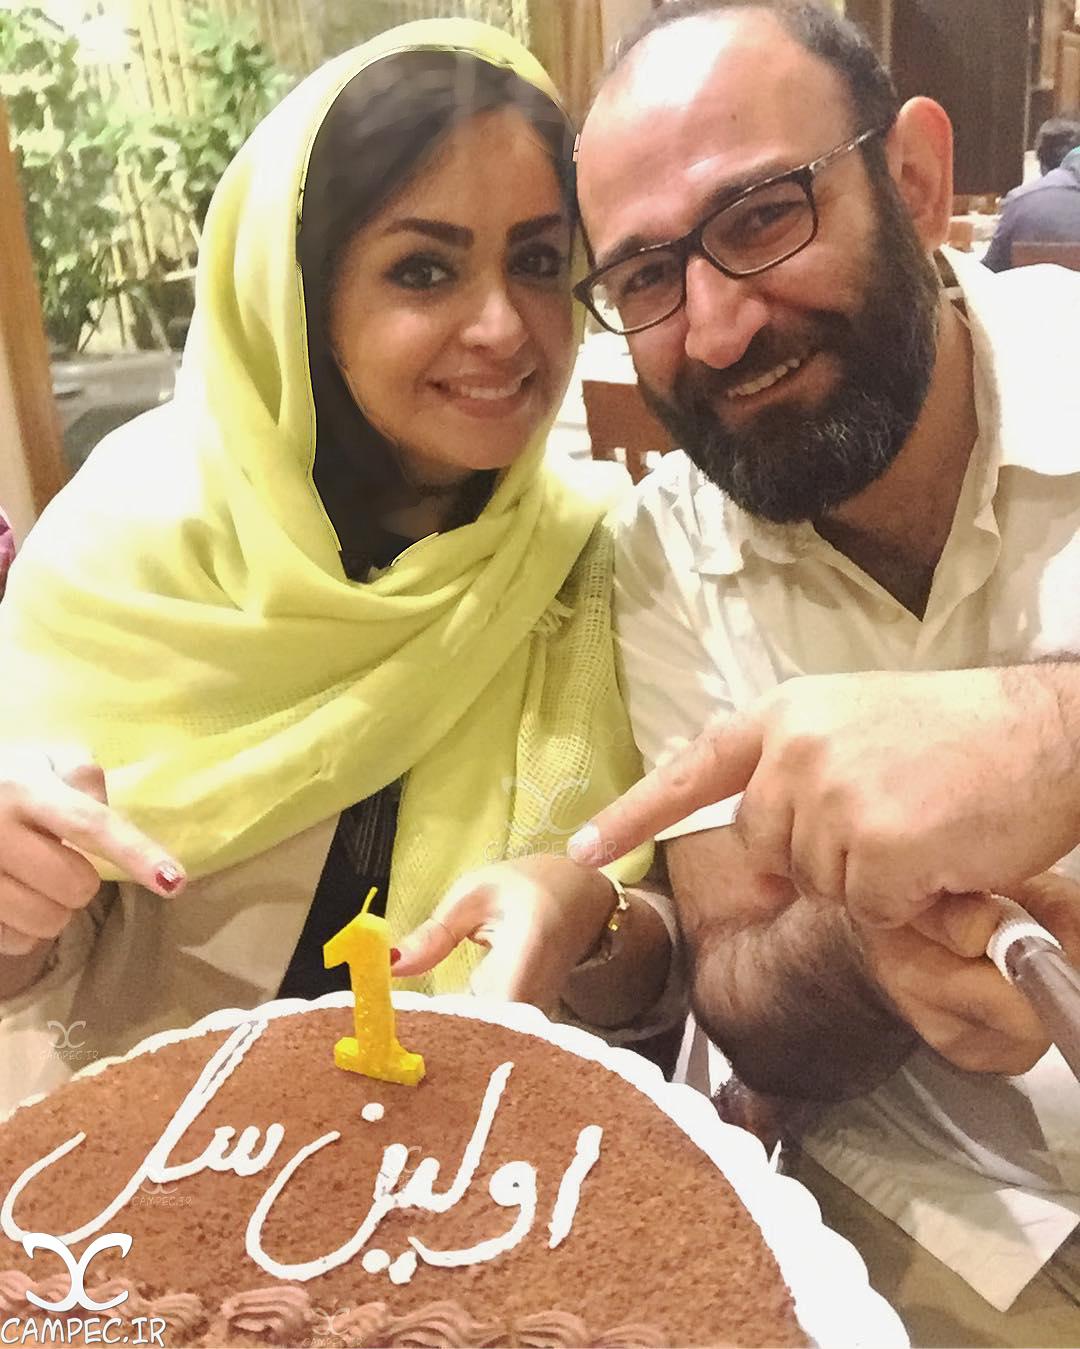 اولین سالگرد ازدواج هدایت هاشمی و همسرش مهشید ناصری! عکس